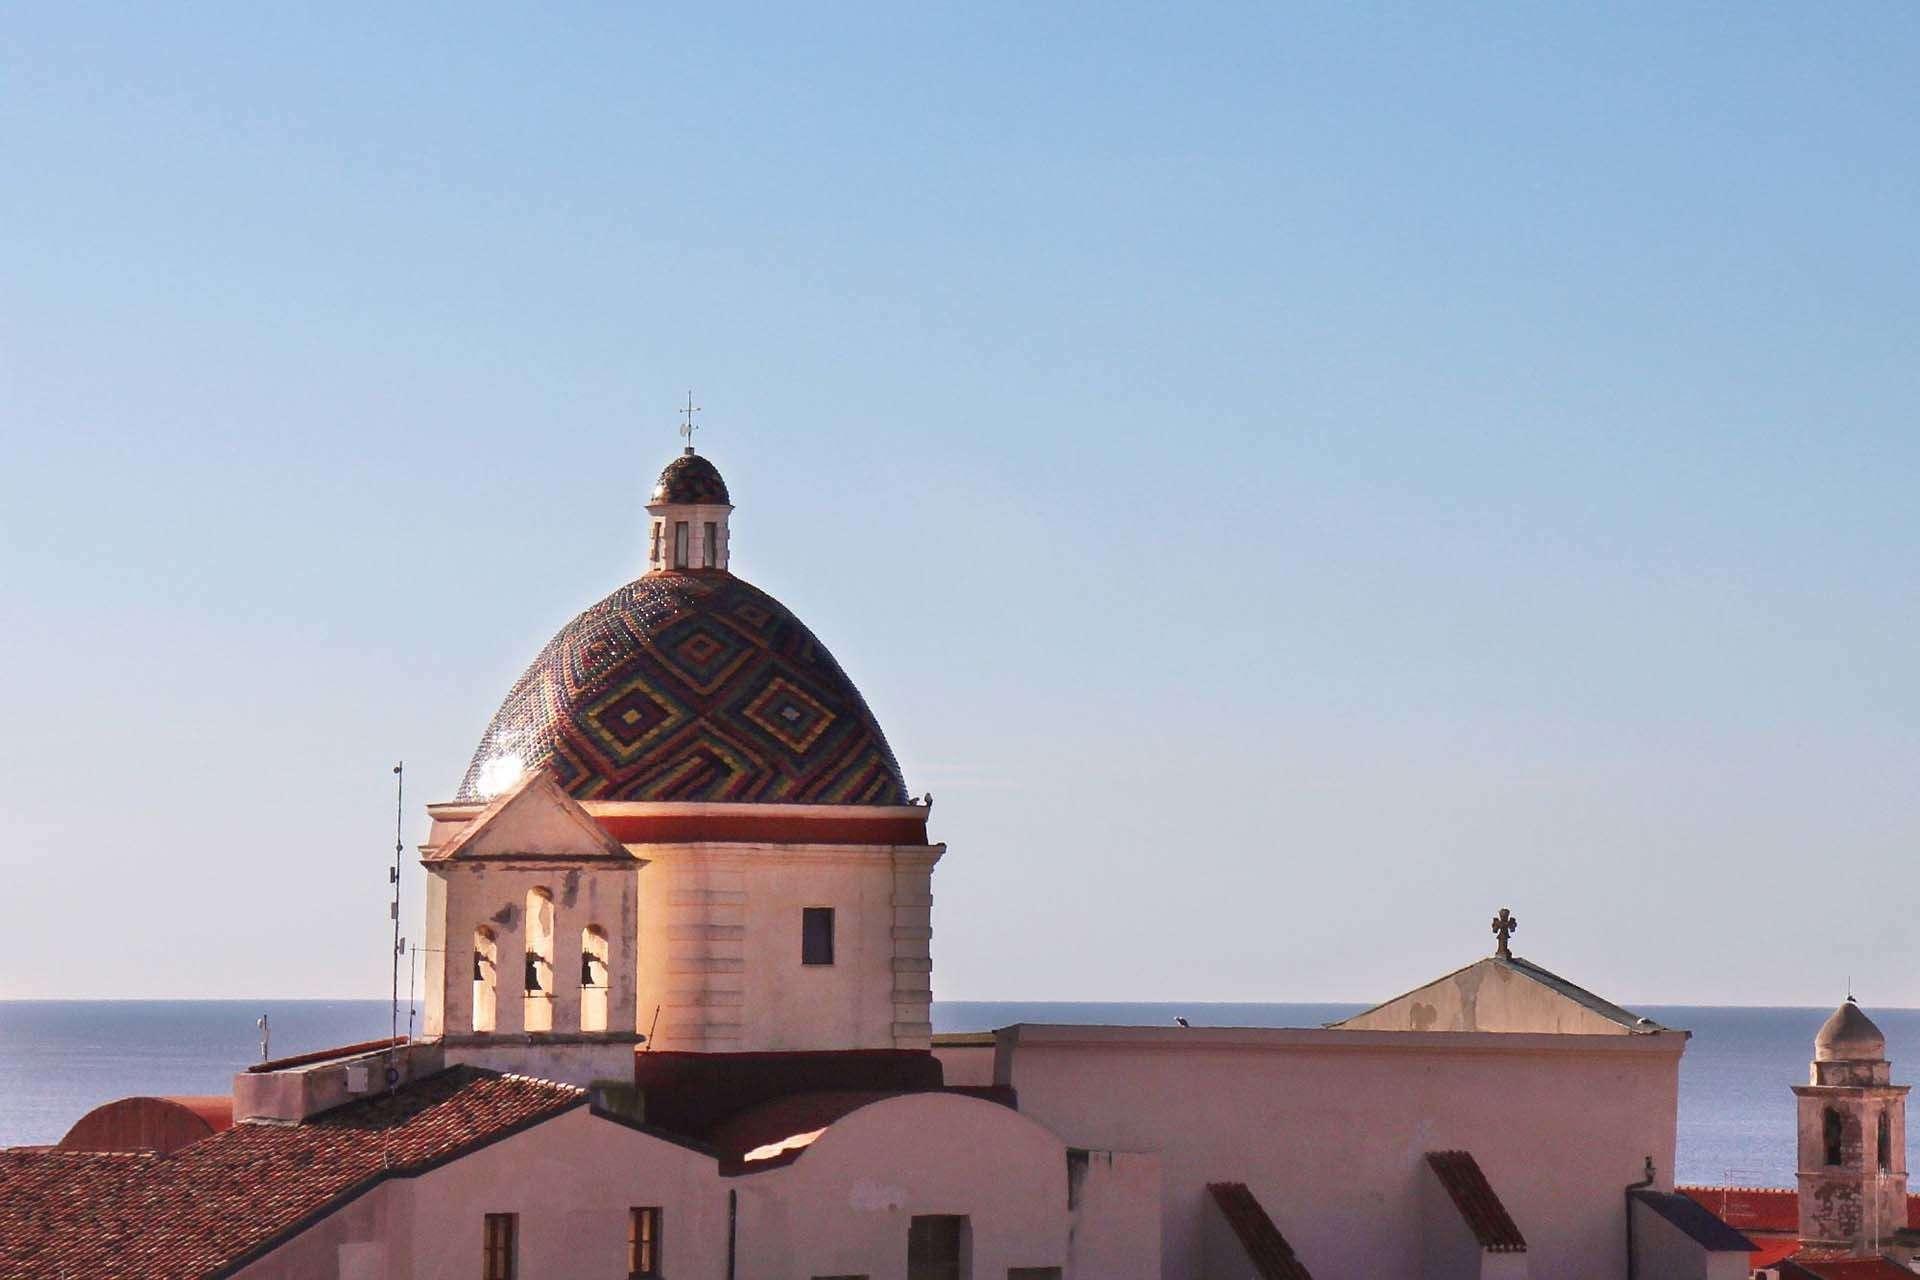 Natale di Alghero - Cupola di San Michele